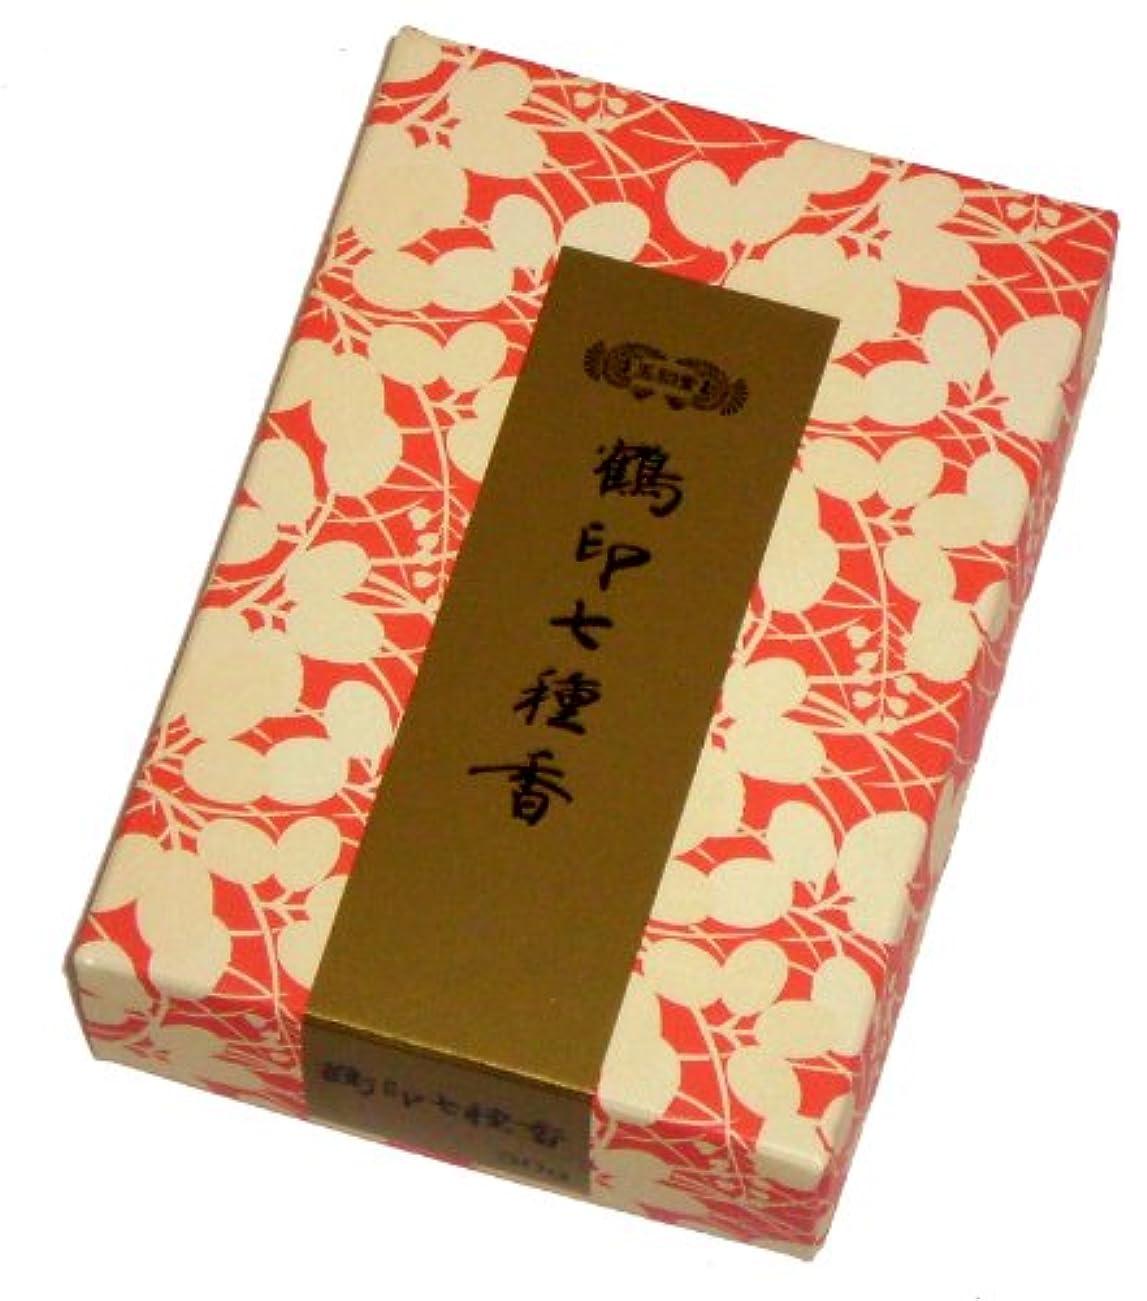 祈る中級ピーブ玉初堂のお香 鶴印七種香 30g #675